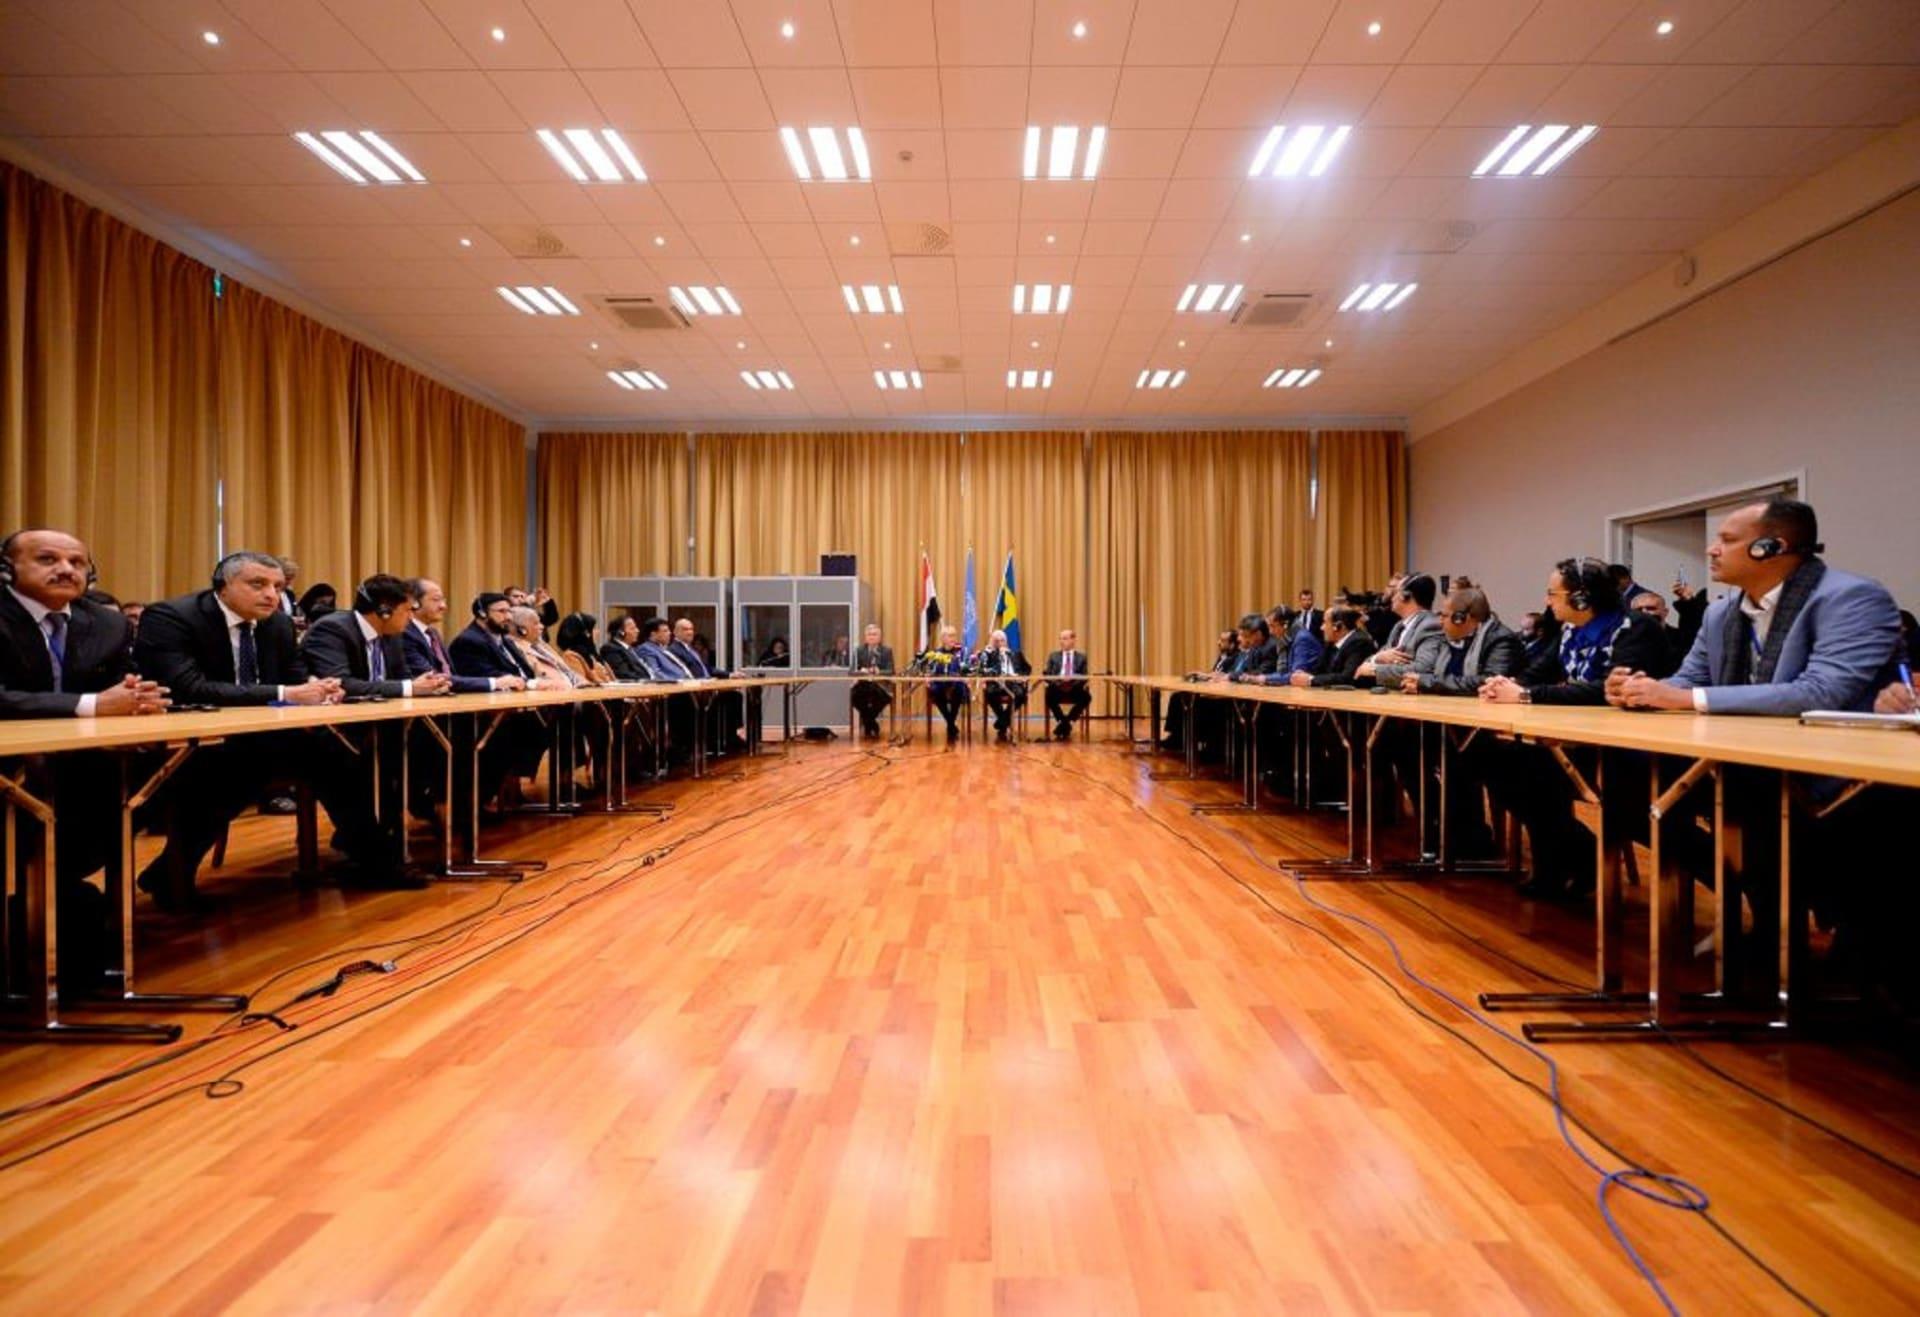 تفاؤل لدى الأمم المتحدة بشأن محادثات السلام اليمنية في السويد